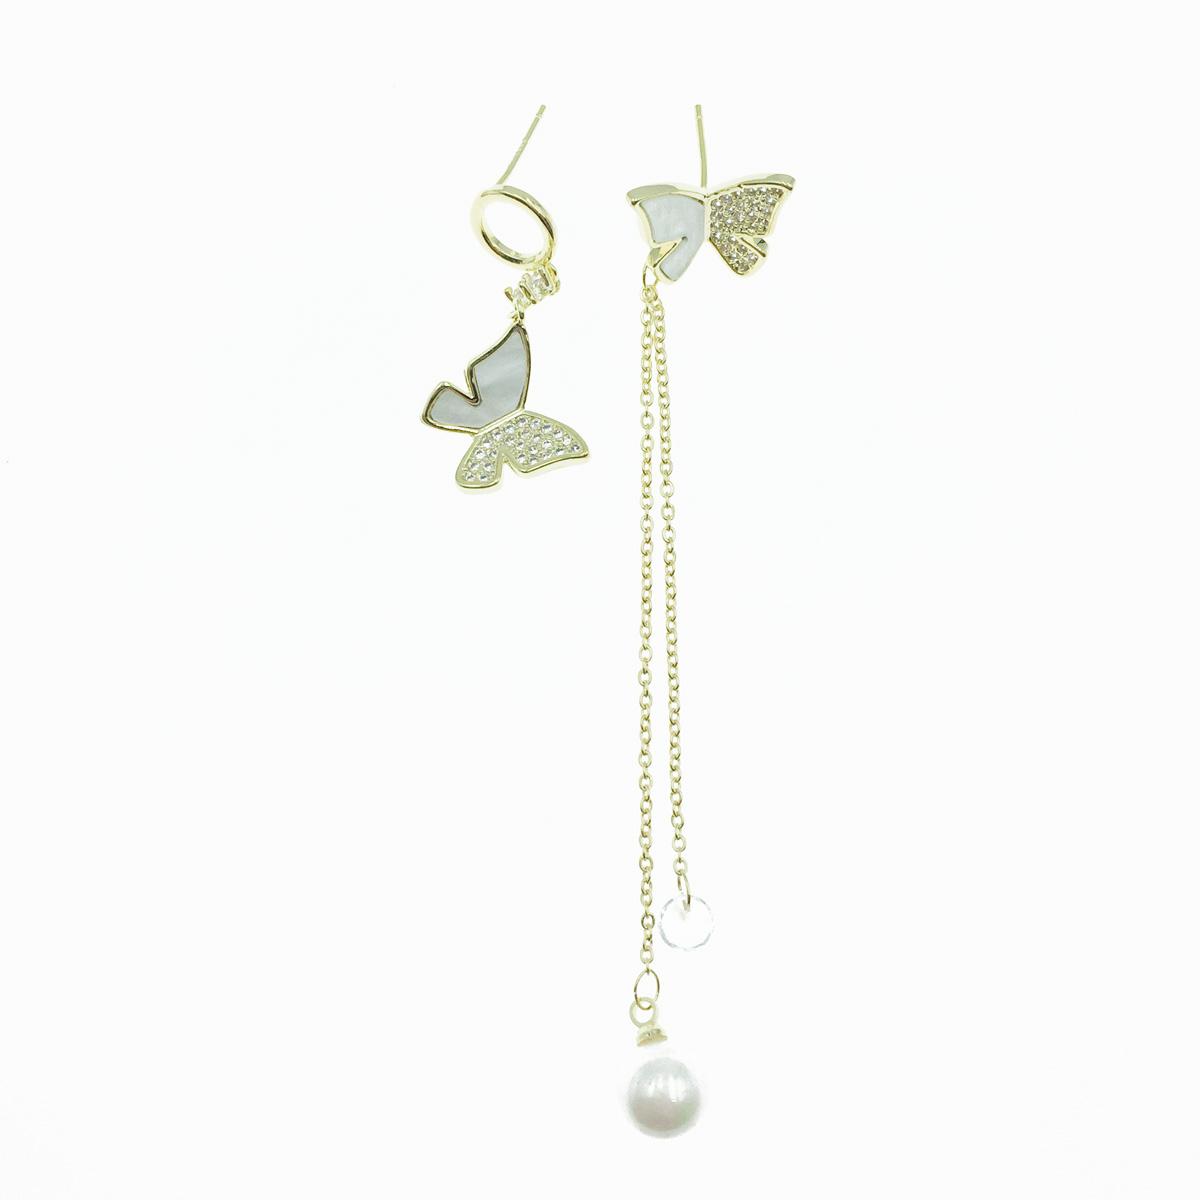 韓國 925純銀 蝴蝶 珍珠 不對稱 垂墜感 耳針式耳環